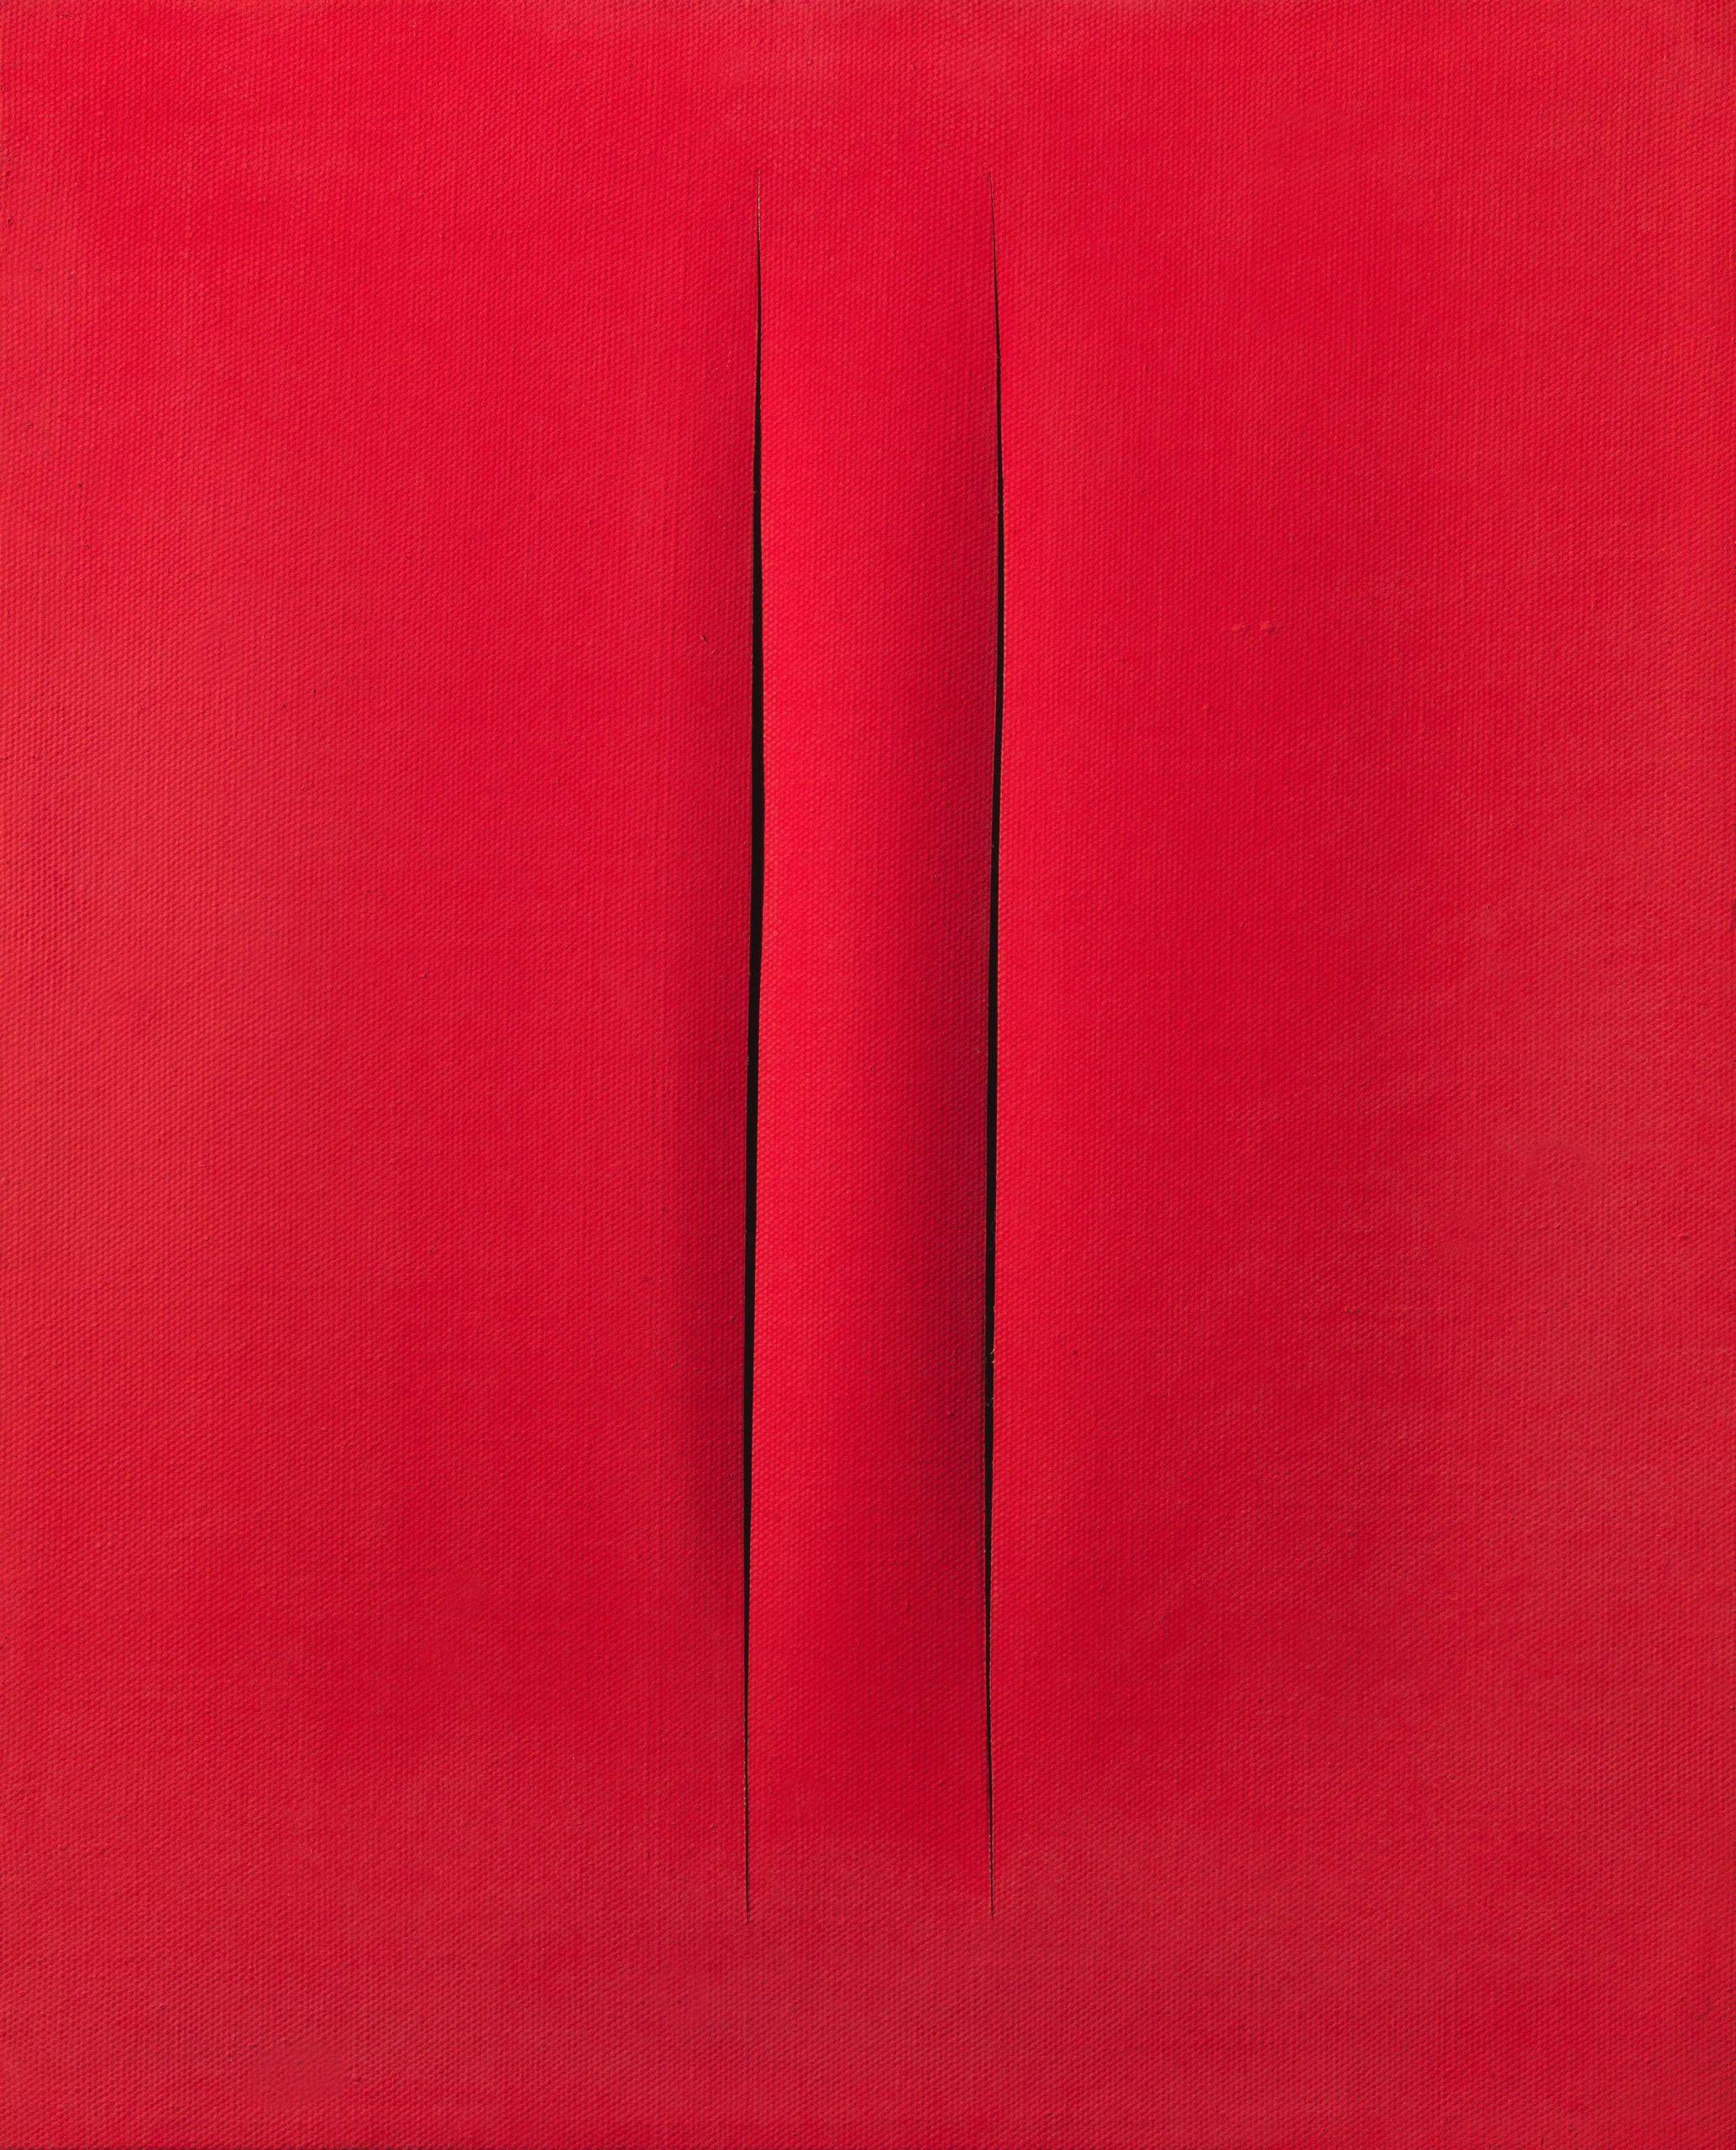 Lucio Fontana, Concetto spaziale, Attese, 1967, idropittura su tela, 61x50 cm